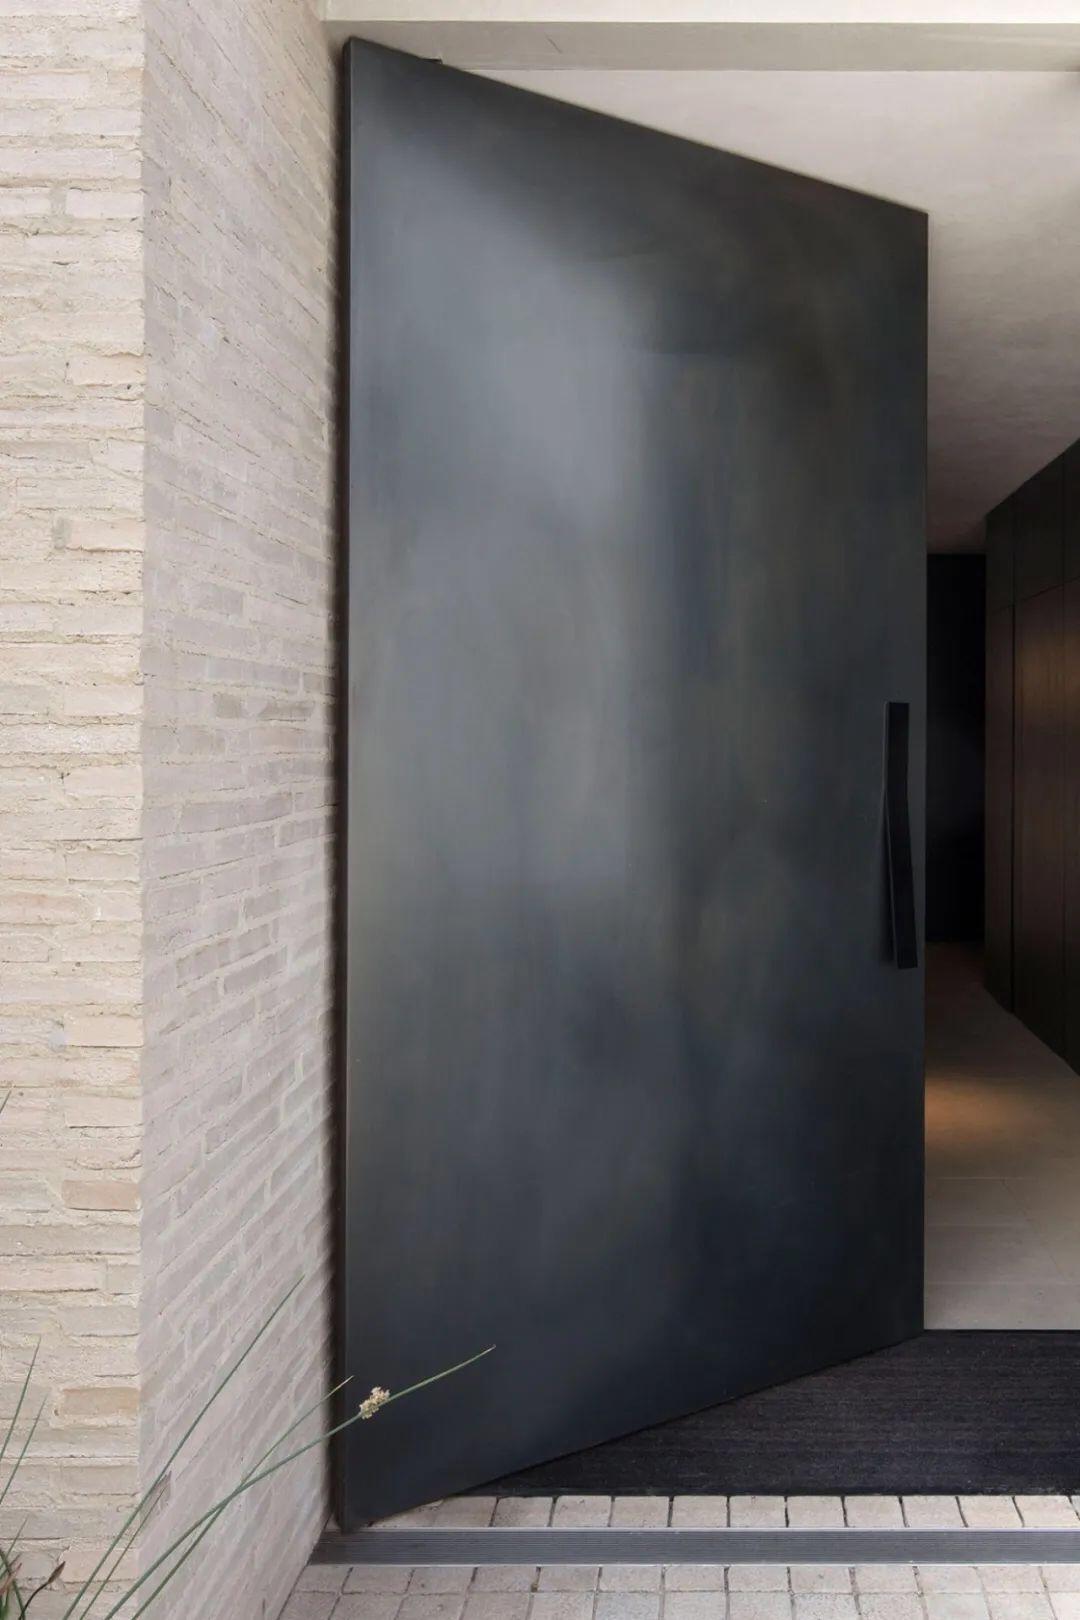 墨尔本 马修拉路97号现代简约样板间设计 汕头室内设计/揭阳普宁潮